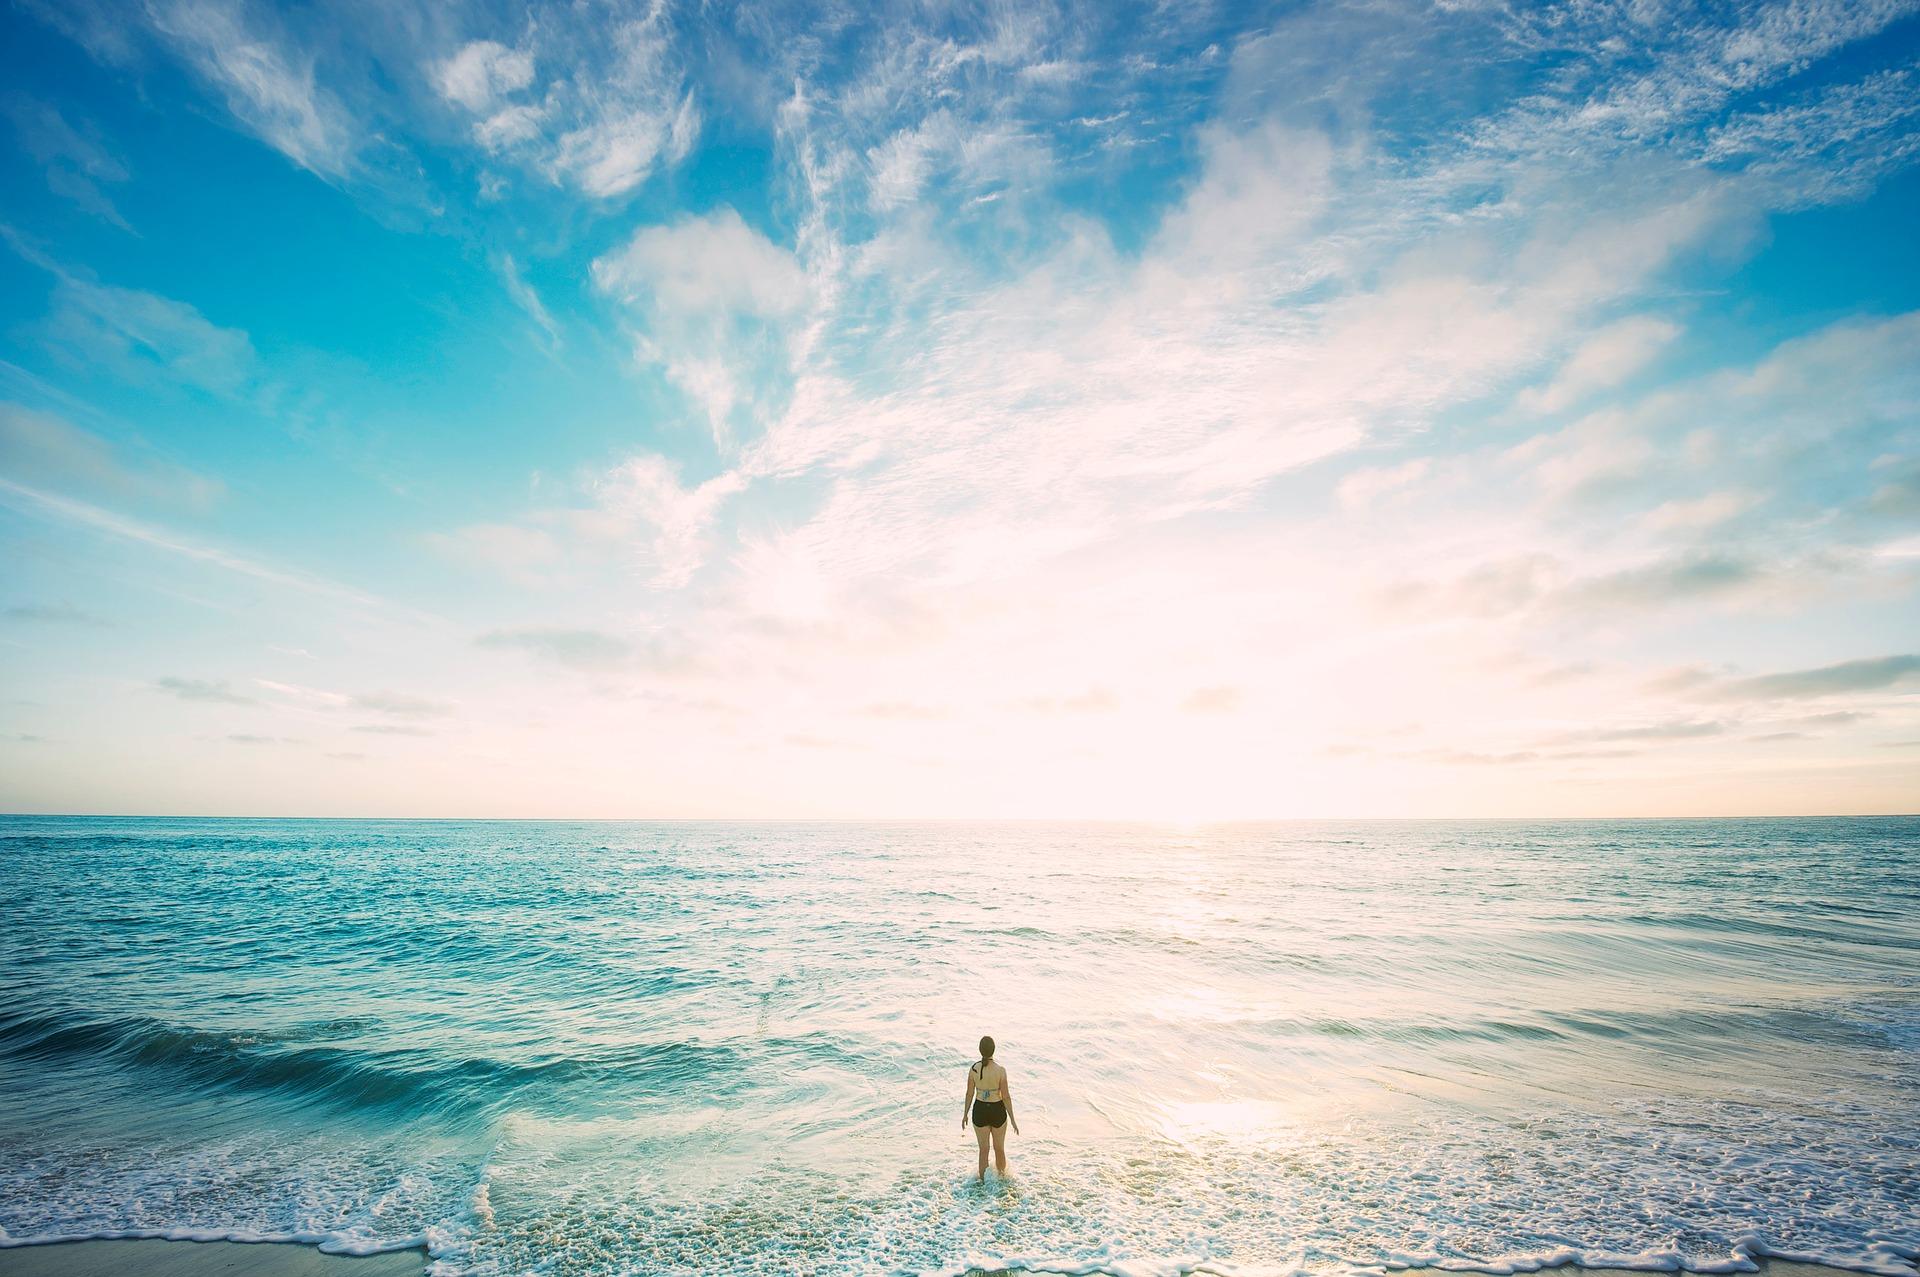 beach-1850250_1920